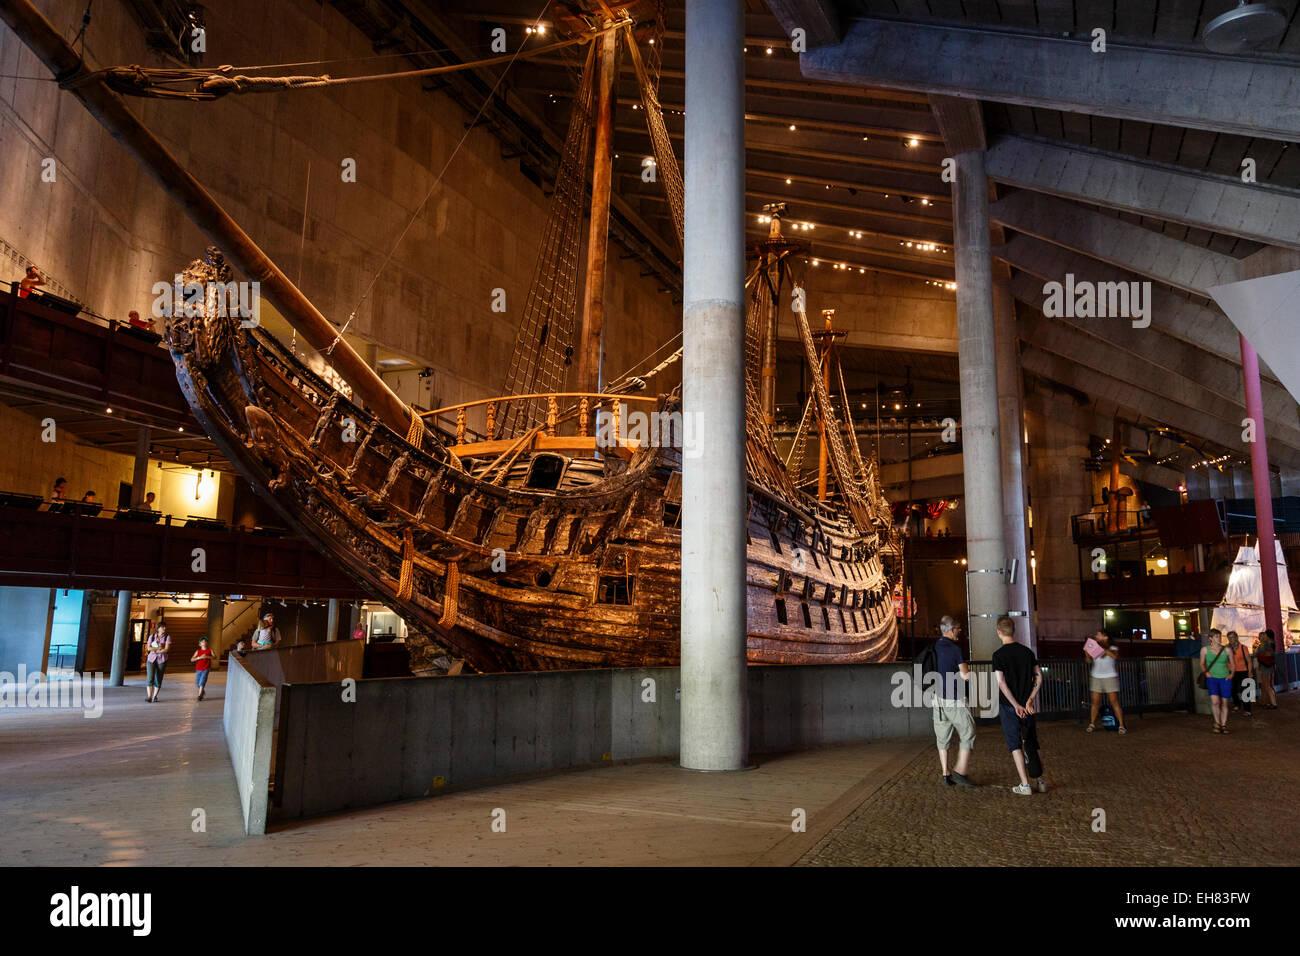 Vasa Museum, Djurgarden, Stockholm, Sweden, Scandinavia, Europe - Stock Image